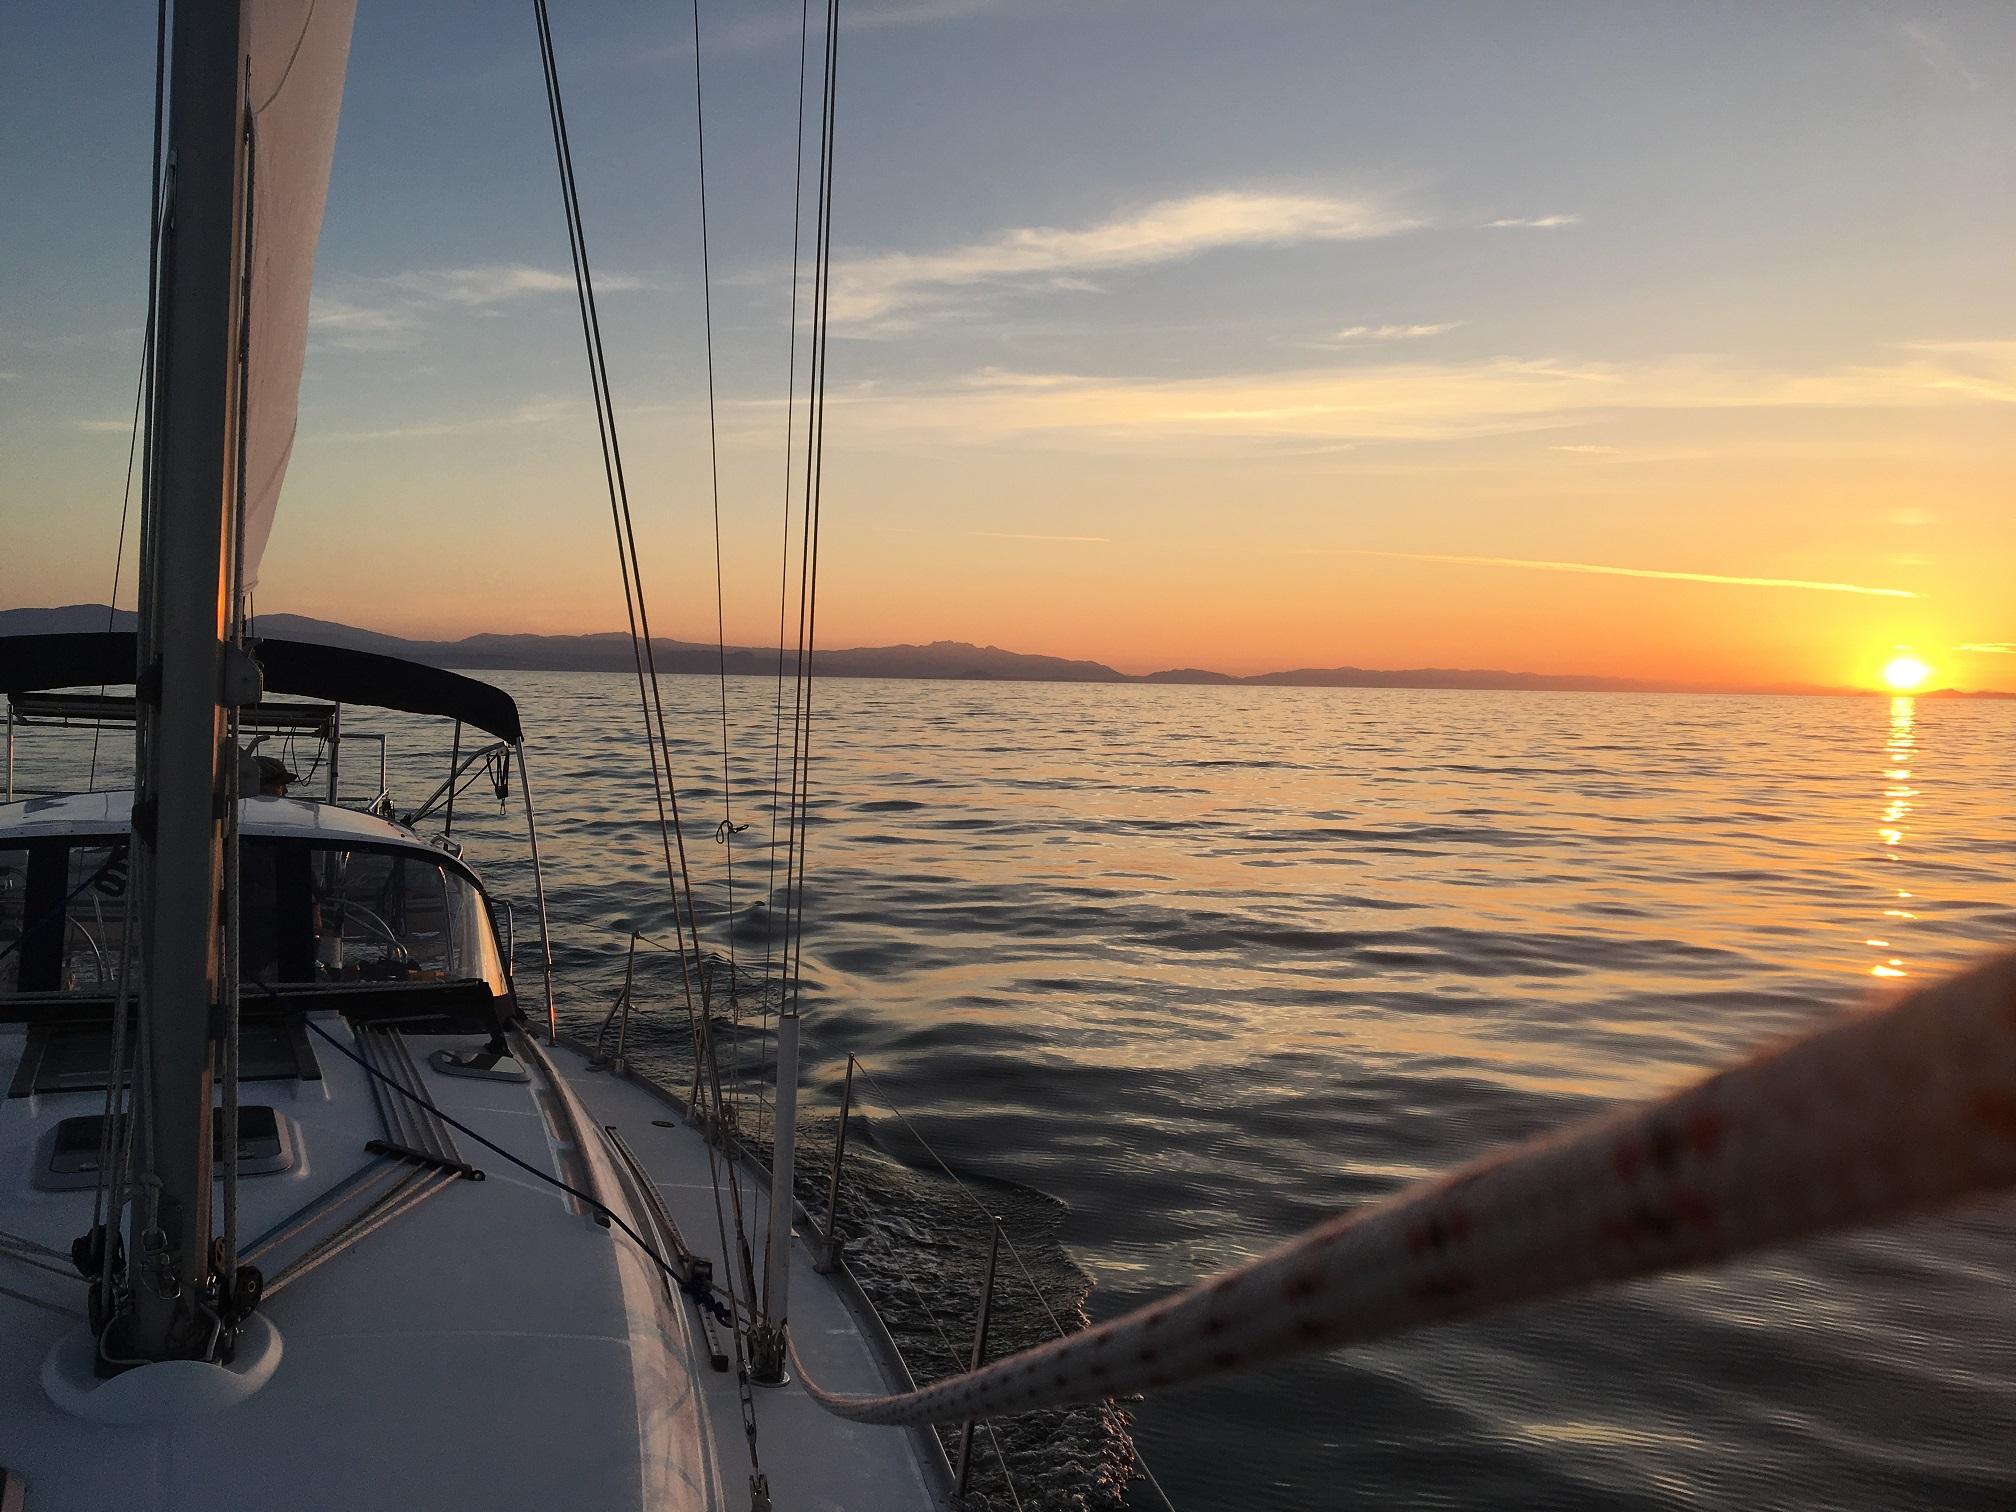 Sunset on the Strait